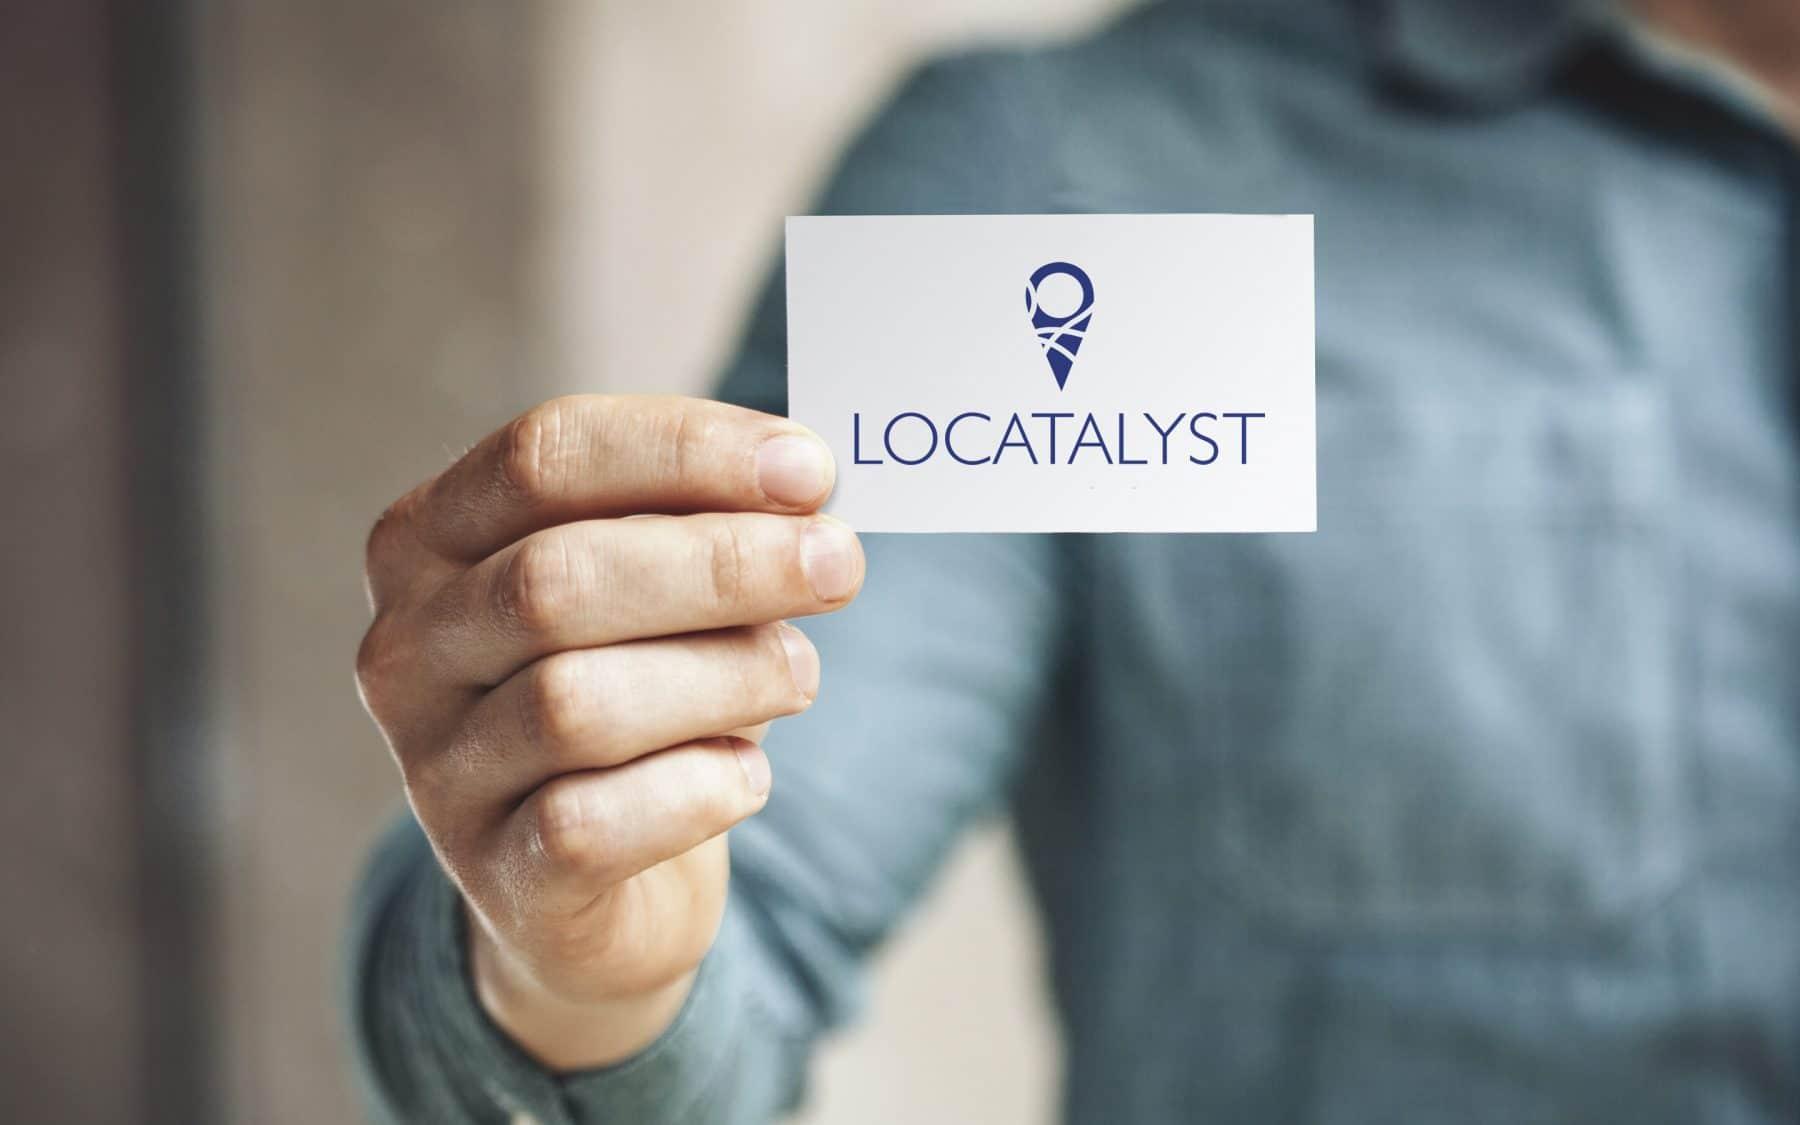 Locatalyst 1